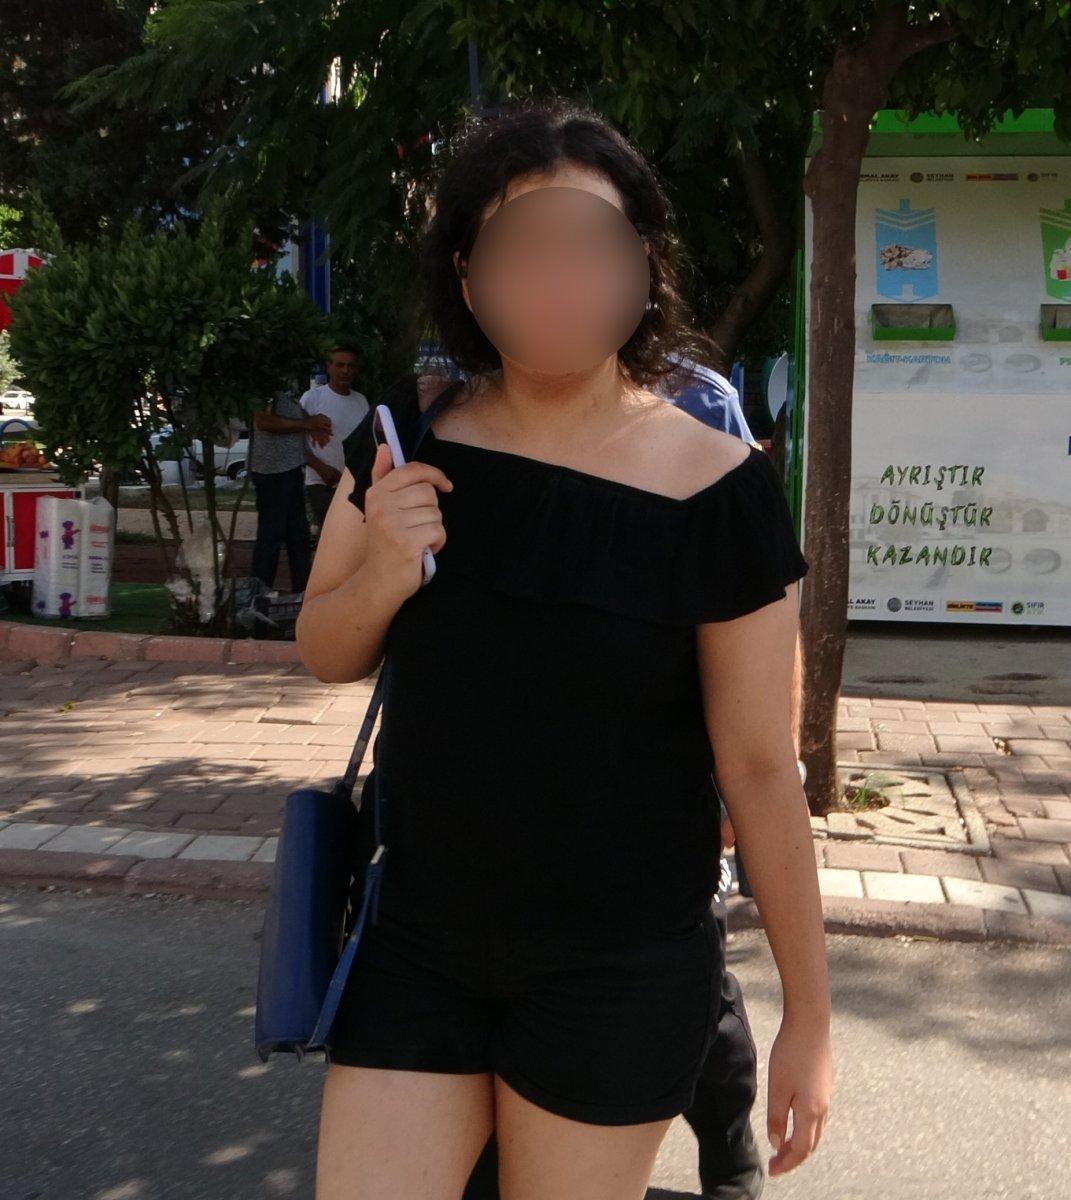 Adana'da genç kız, boğazı sıkılarak tecavüze uğradı #3